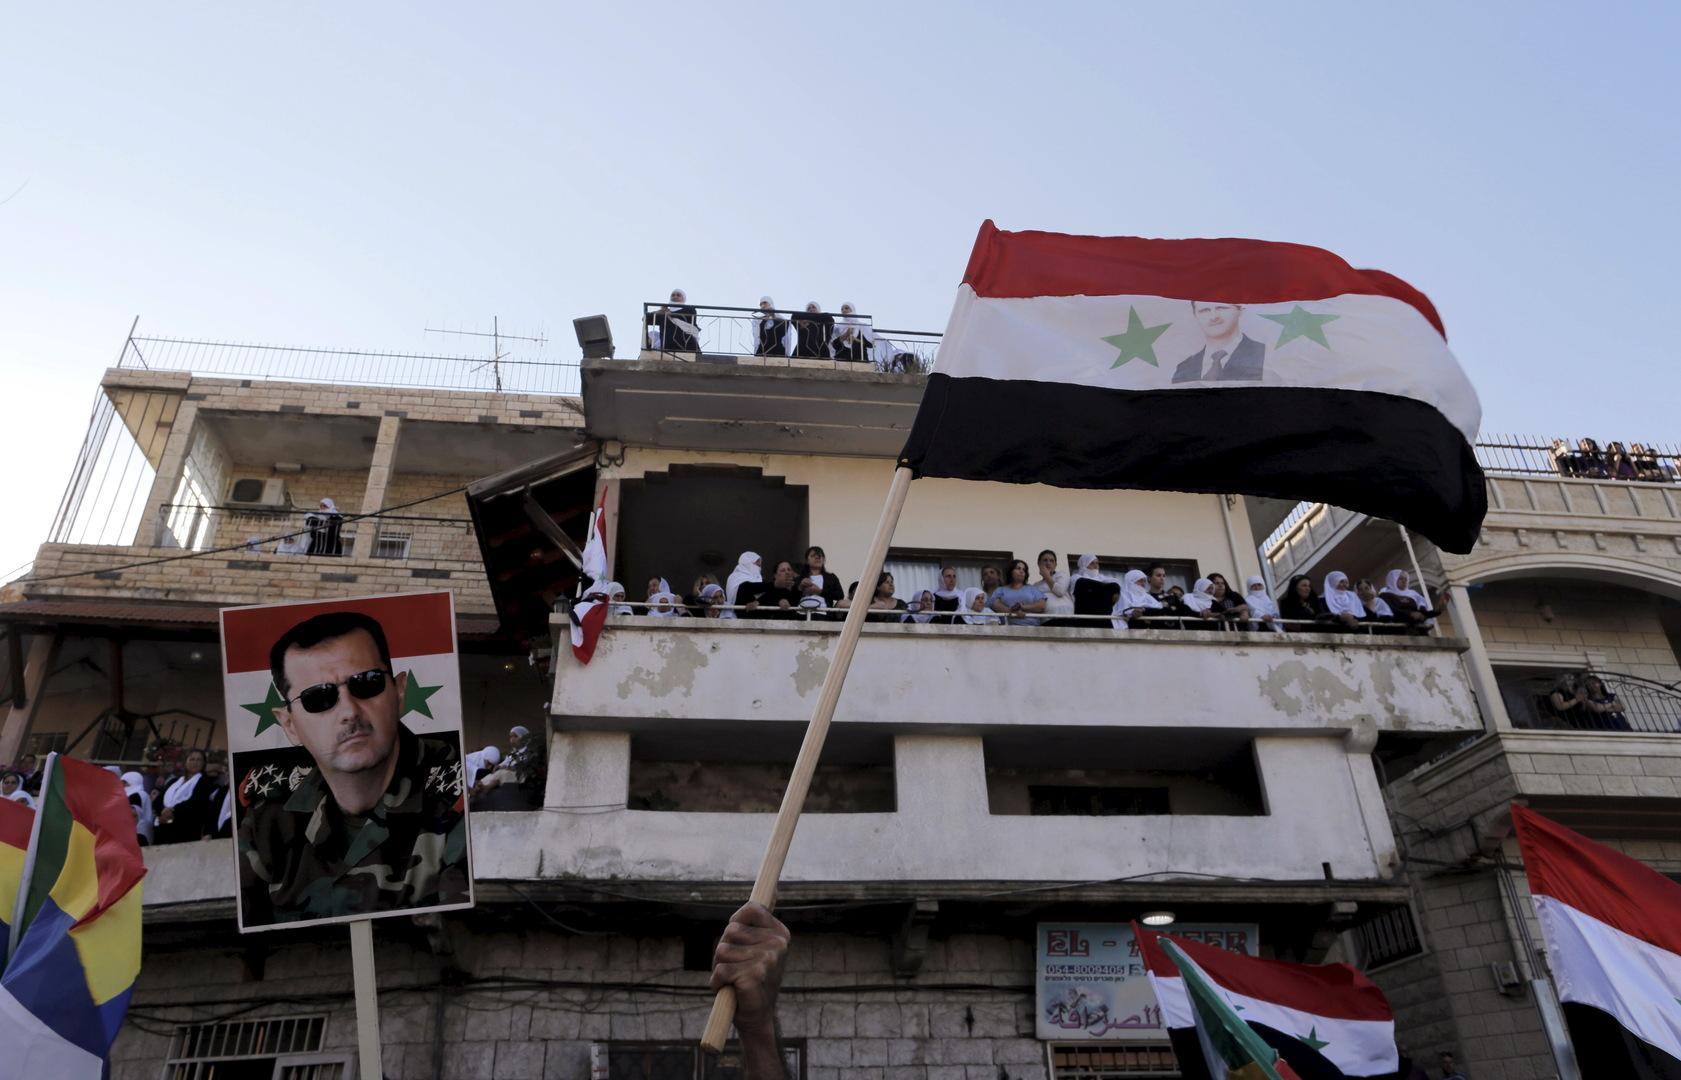 مظاهرة مؤيدة للحكومة السورية في الجولان المحتل